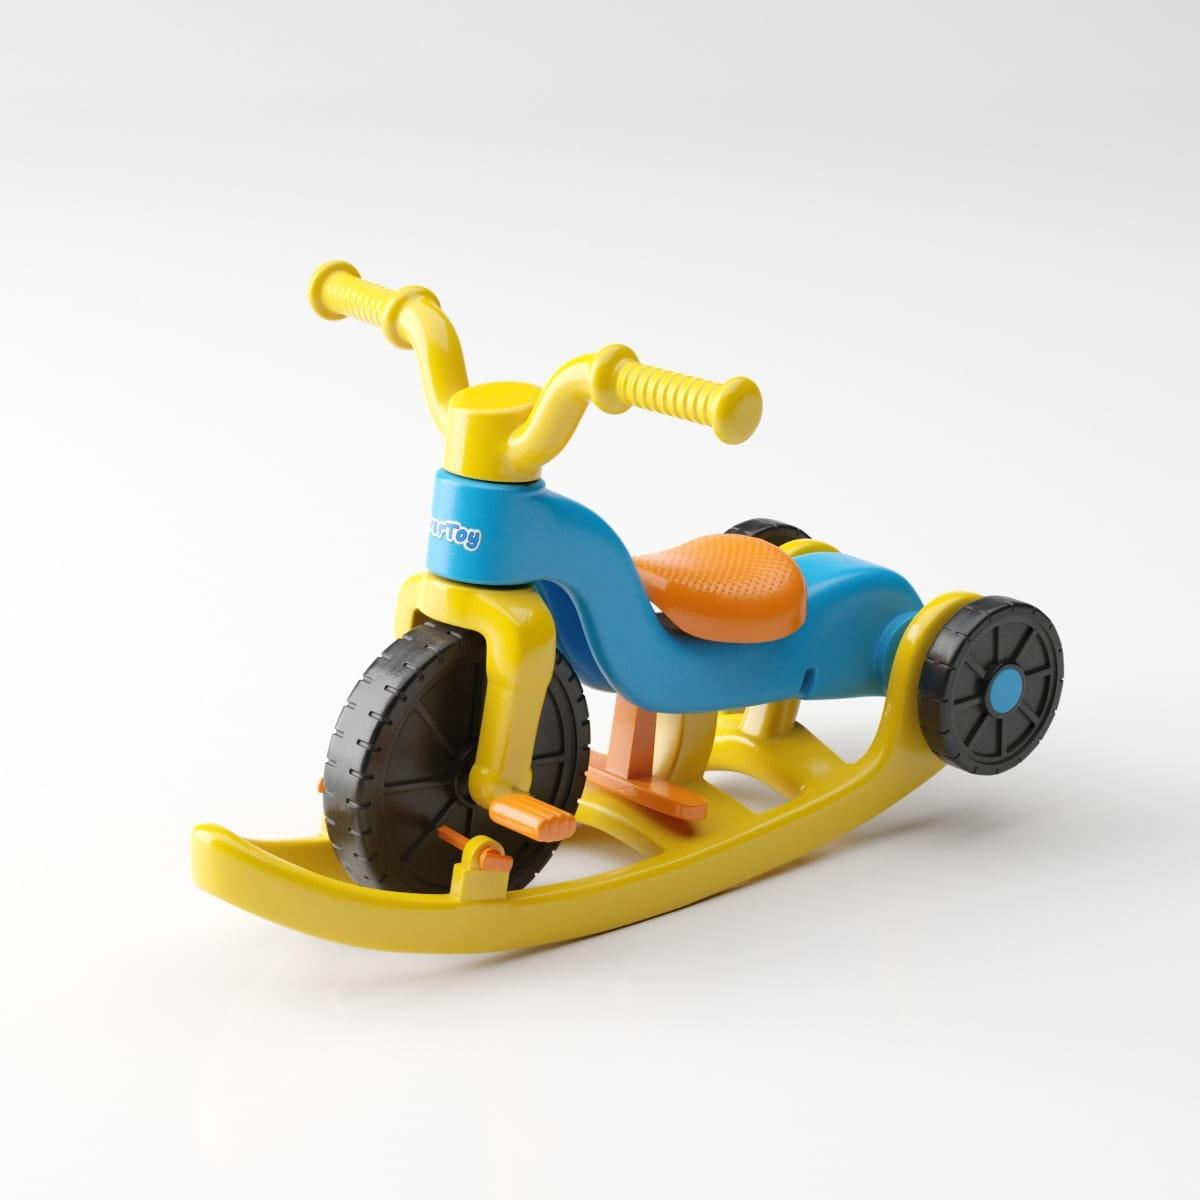 toy 47 AM232 Archmodels